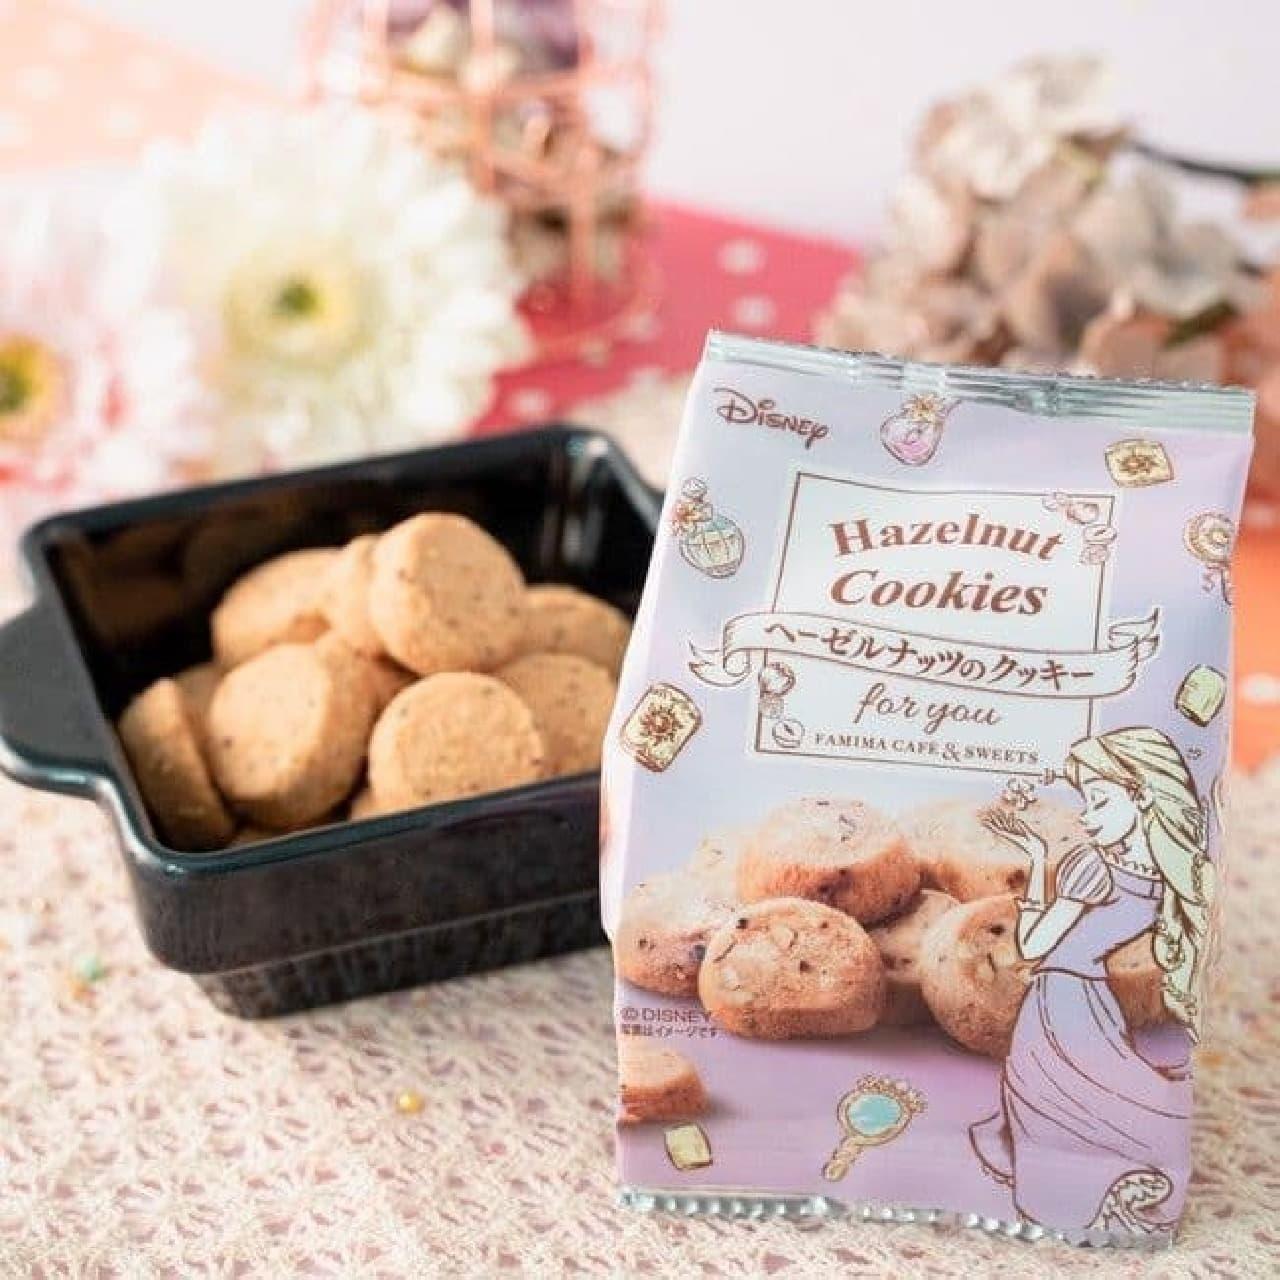 ファミリーマート「ヘーゼルナッツのクッキー」